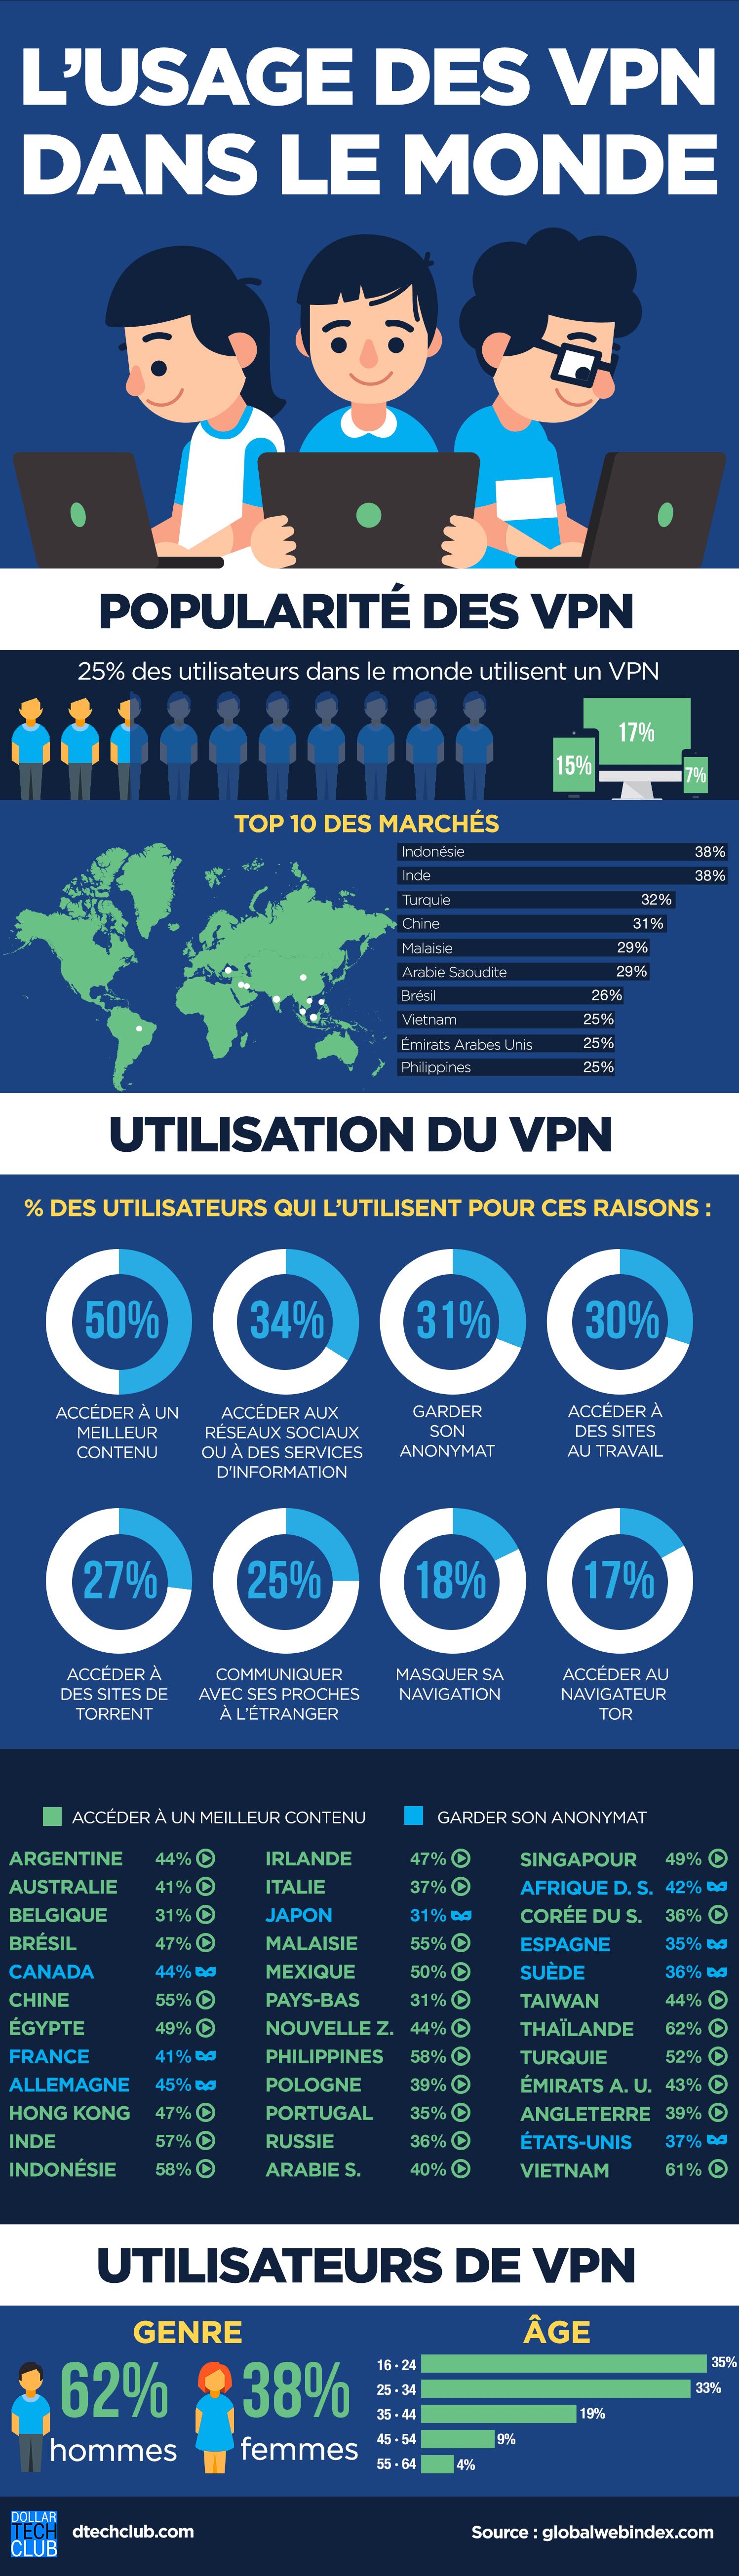 usage des VPN dans le monde